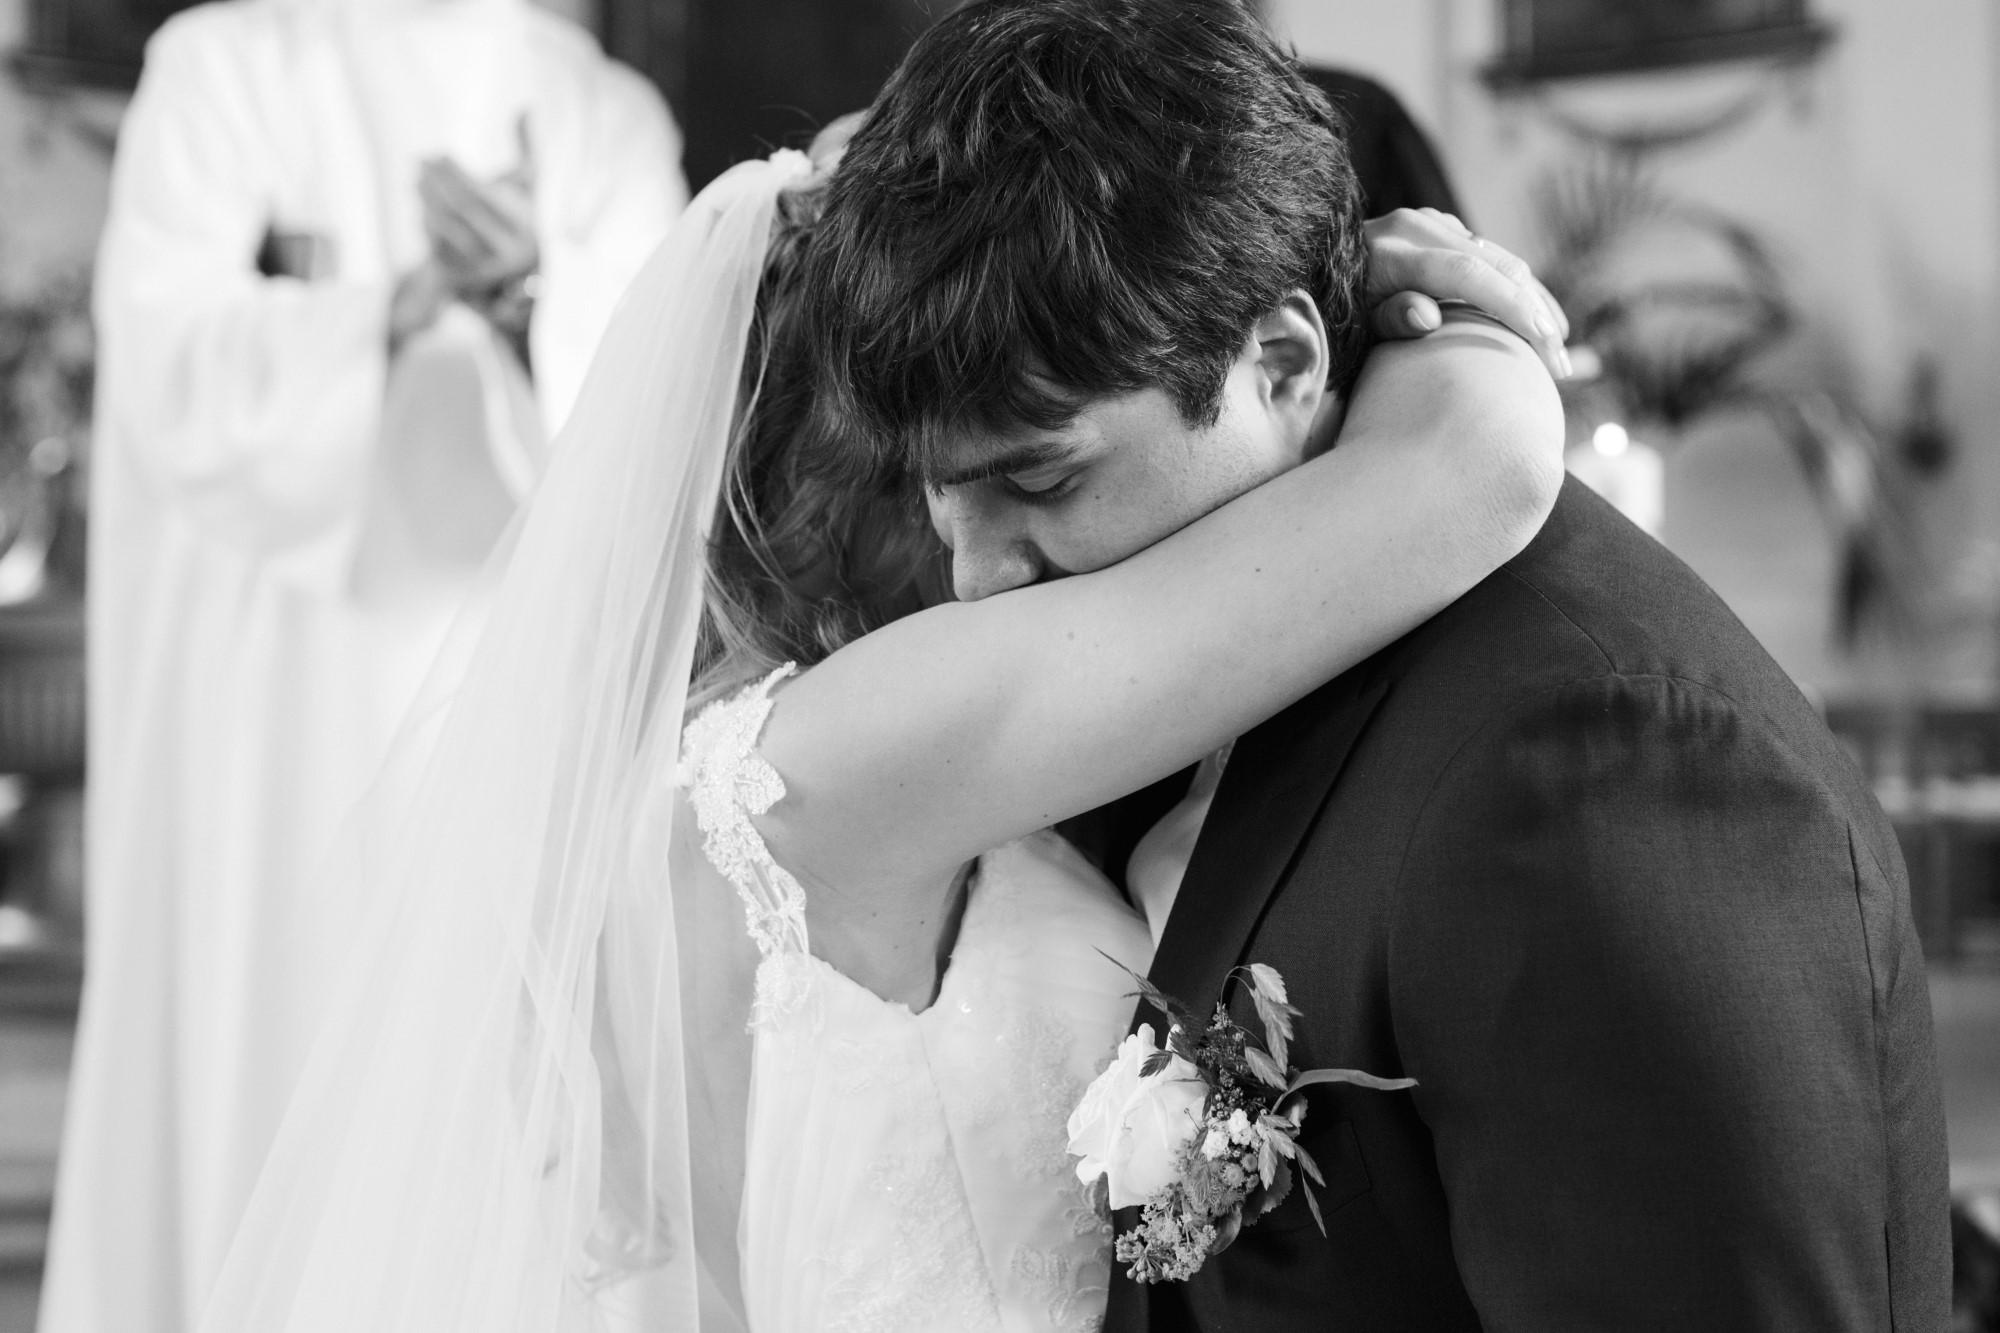 Inniger Moment in der Kirche - Das Brautpaar umarmt sich